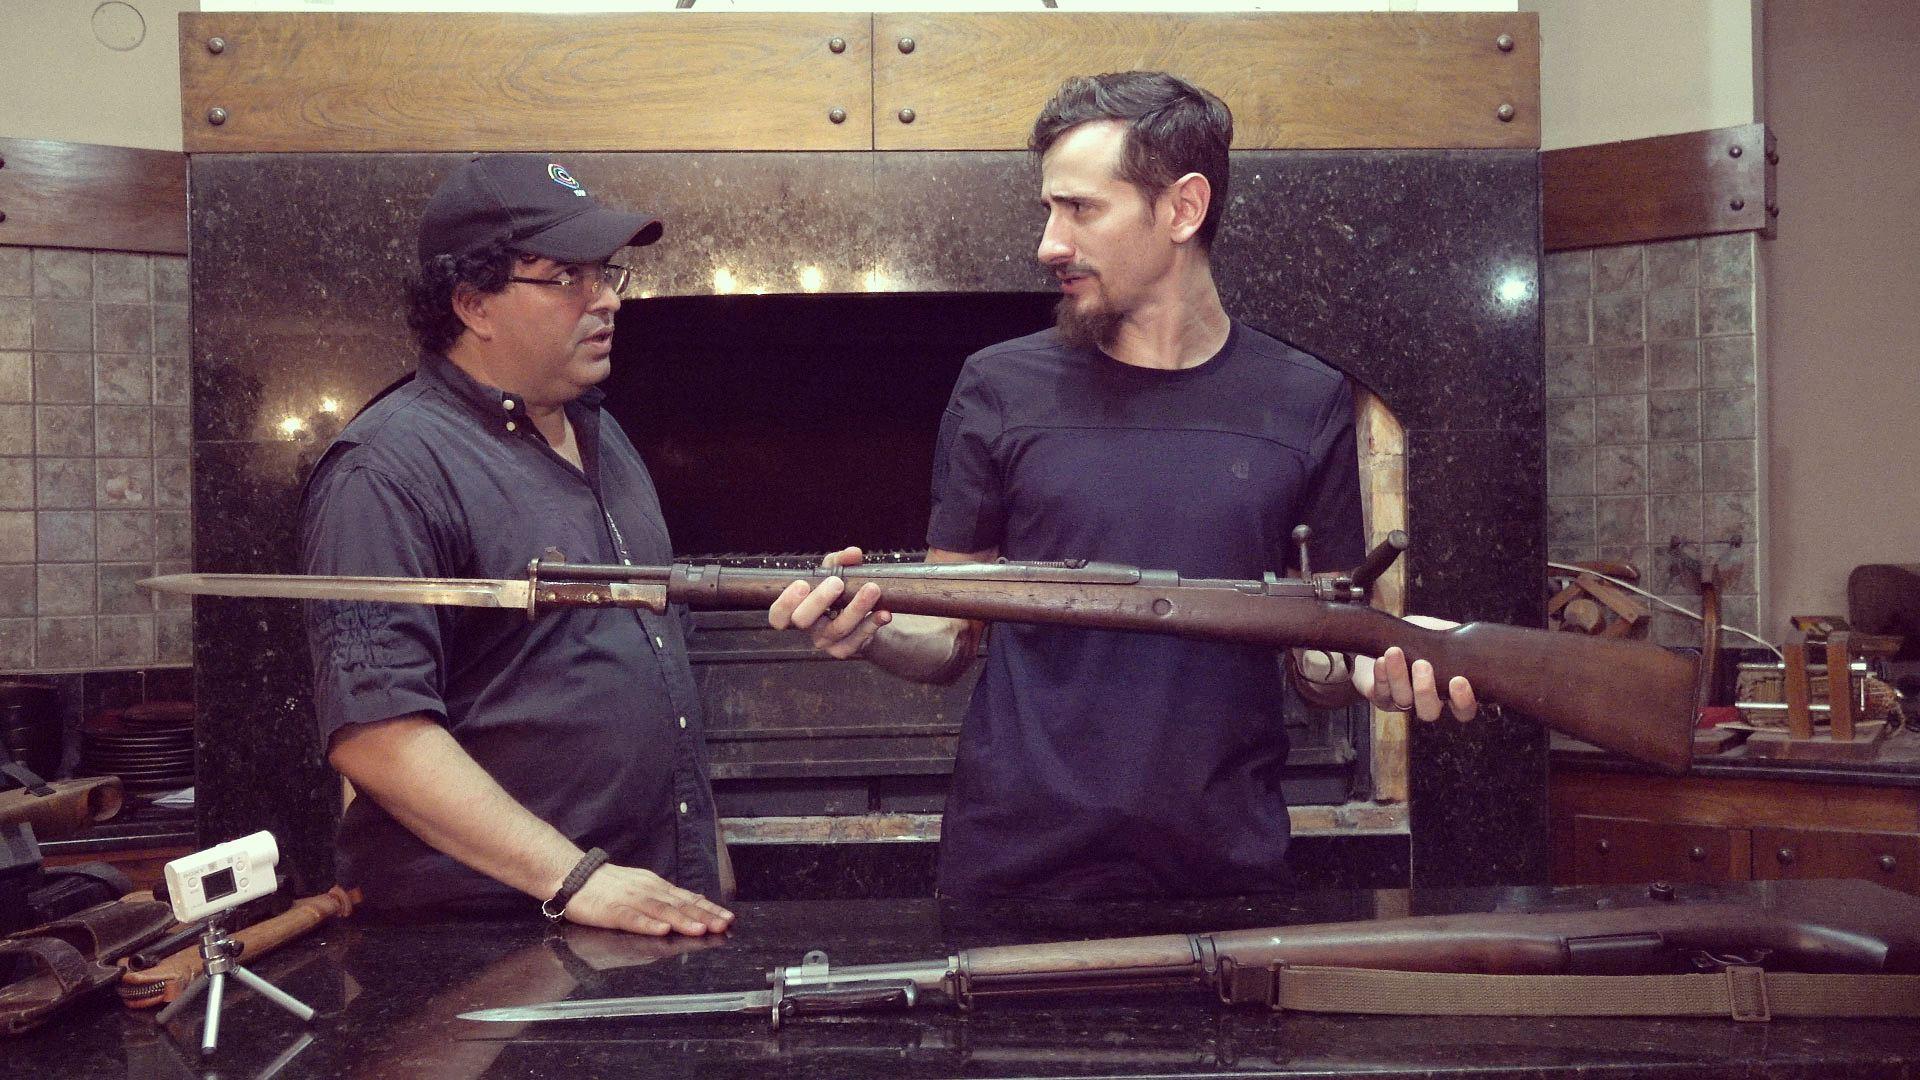 Conhecendo uma MEGA coleção de armas! – Expedição PY 2019 Ep.03